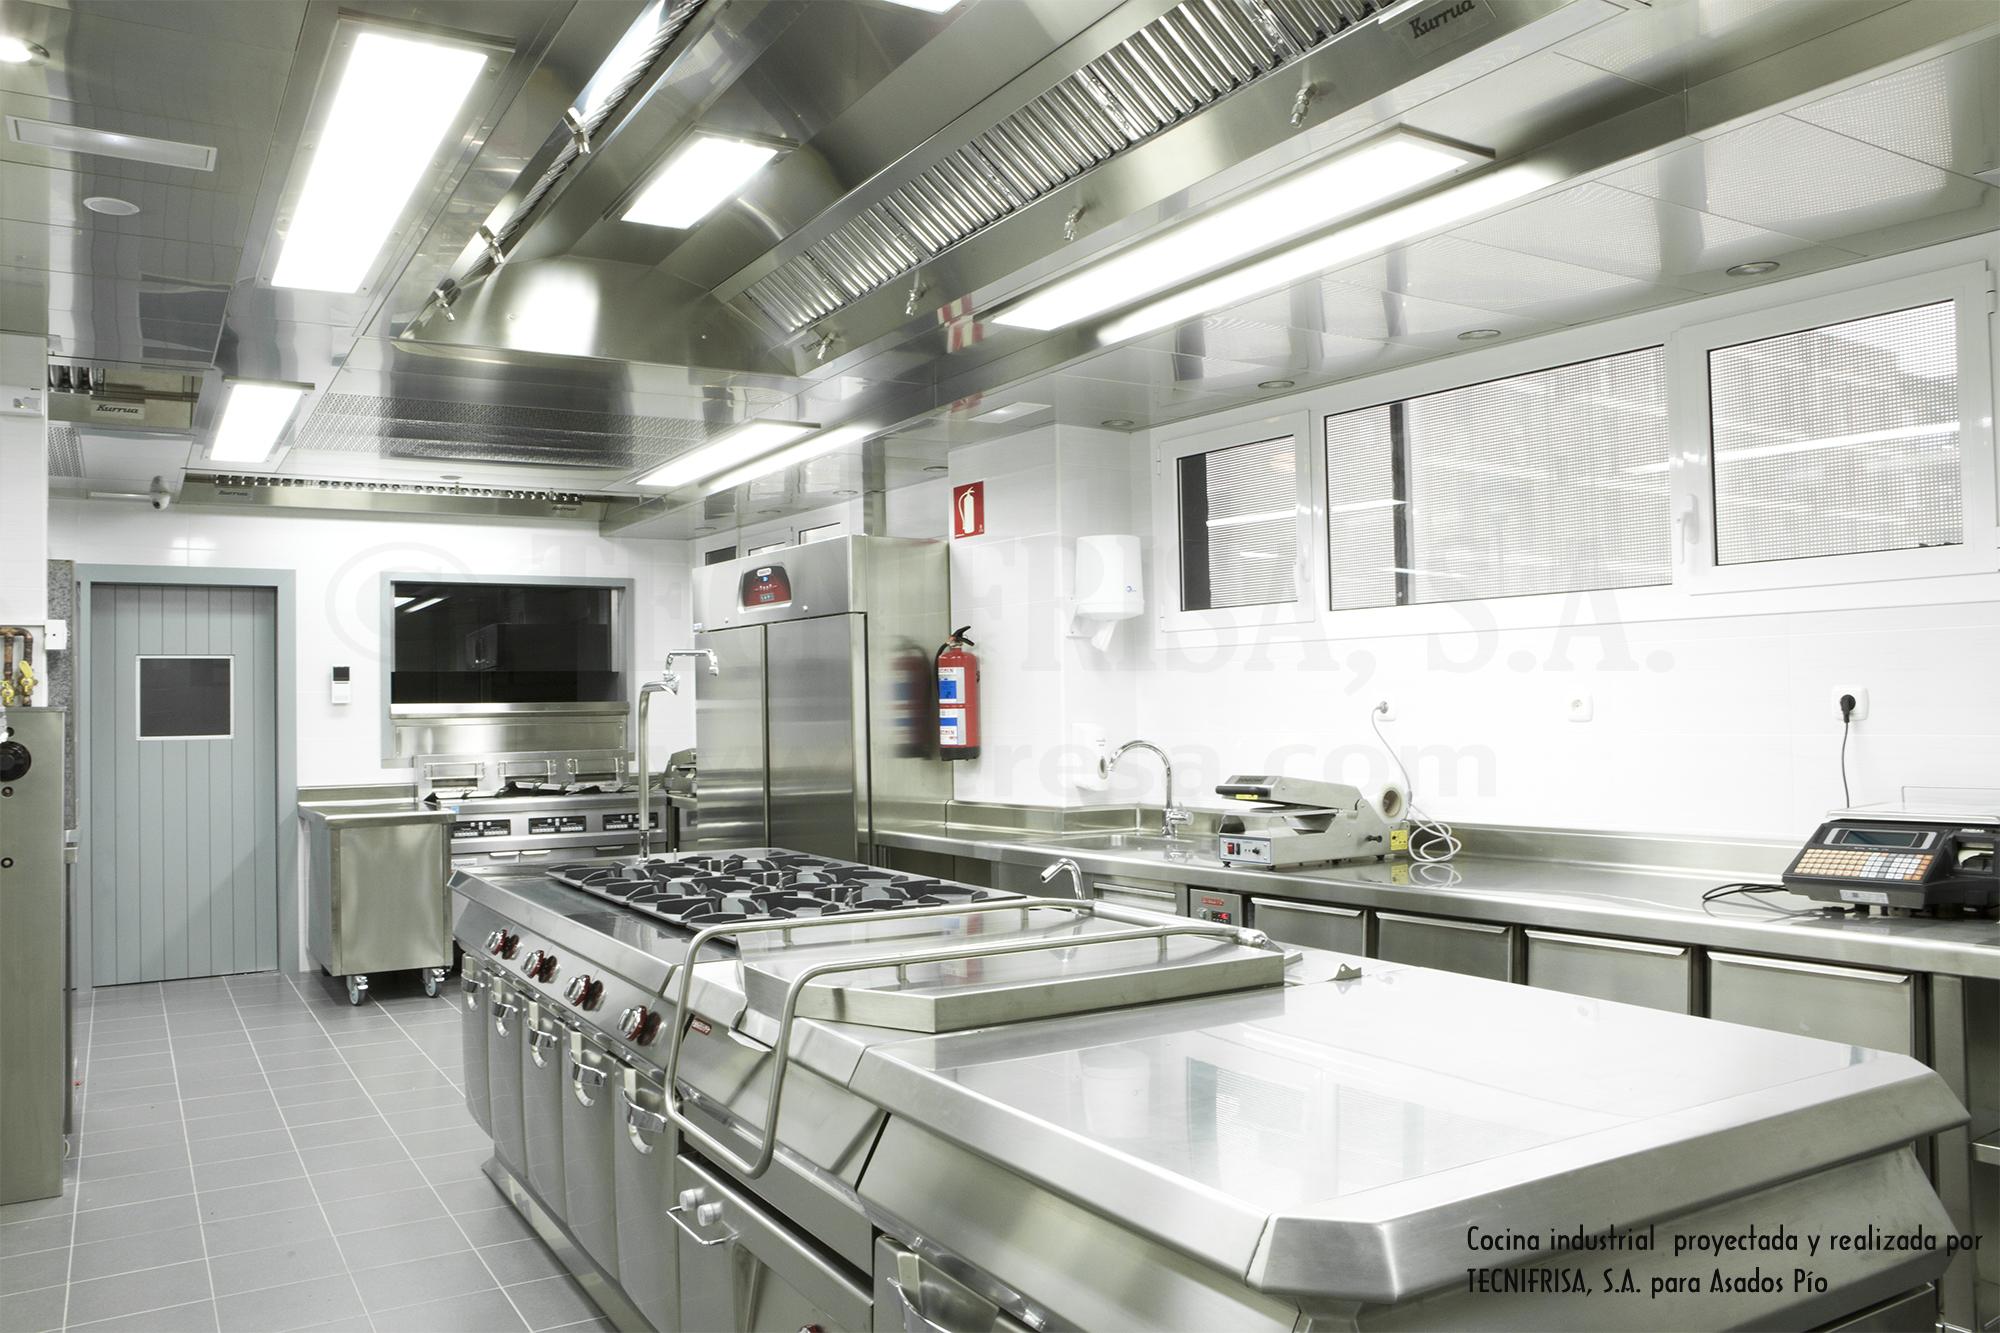 Tecnifrisa maquinaria de hosteler a y fr o indsutrial for Distribucion de cocinas industriales